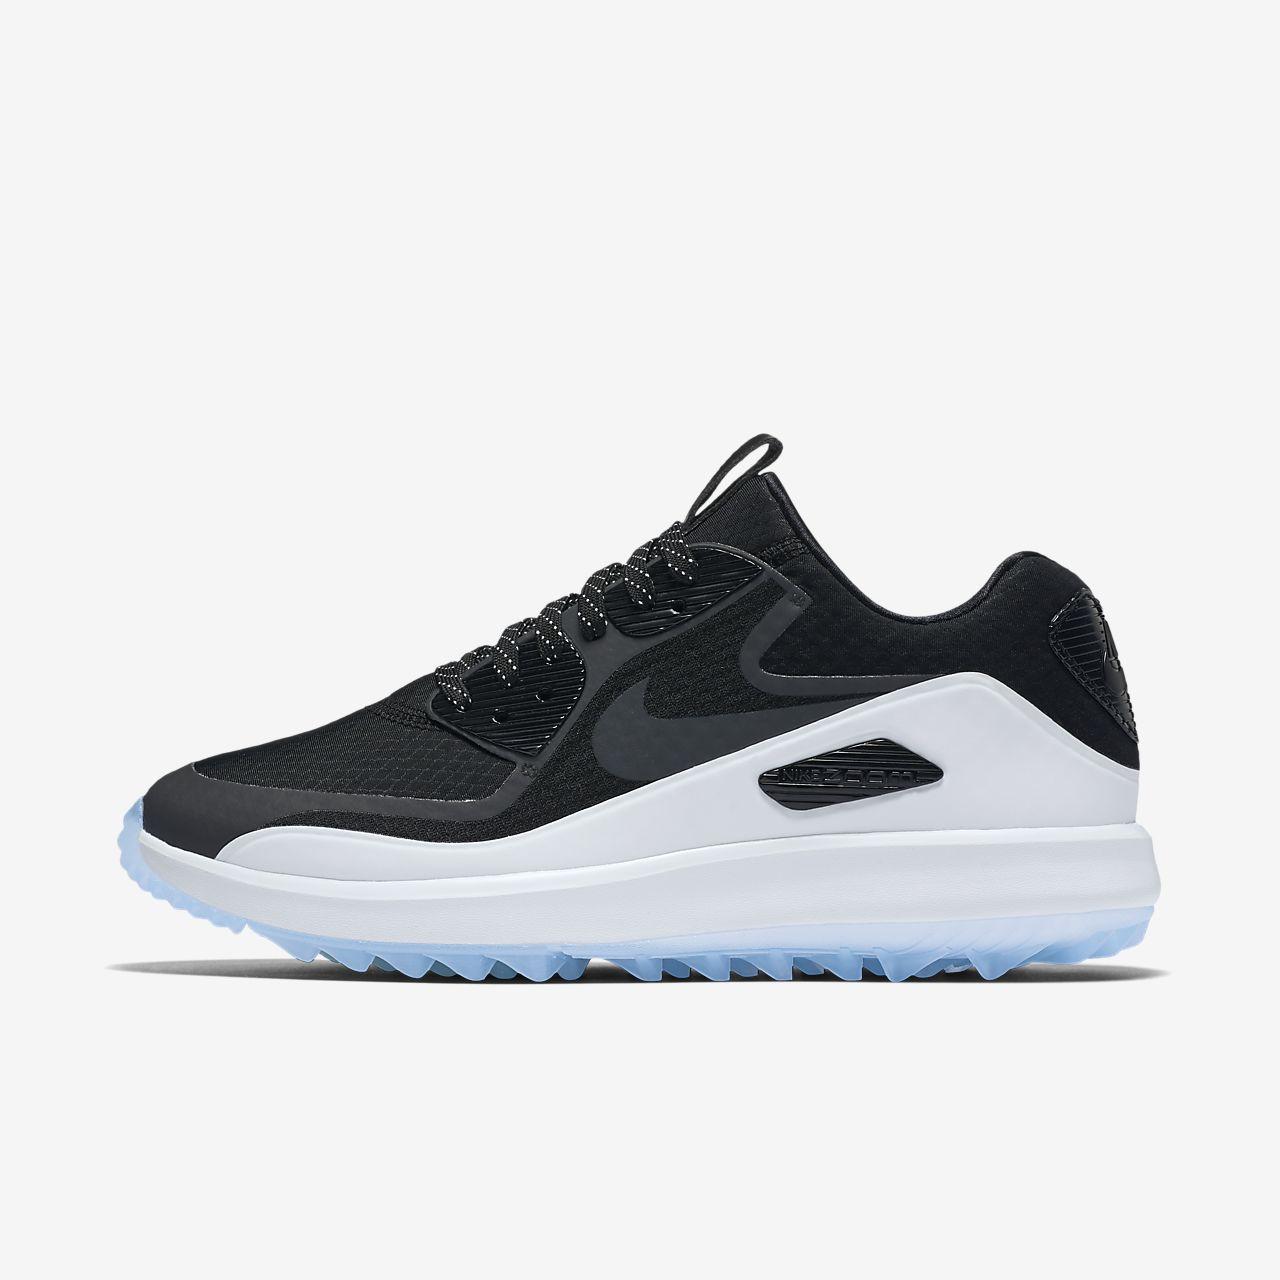 timeless design 025f0 8908e Chaussure de golf Nike Air Zoom 90 IT pour Femme. Nike.com FR